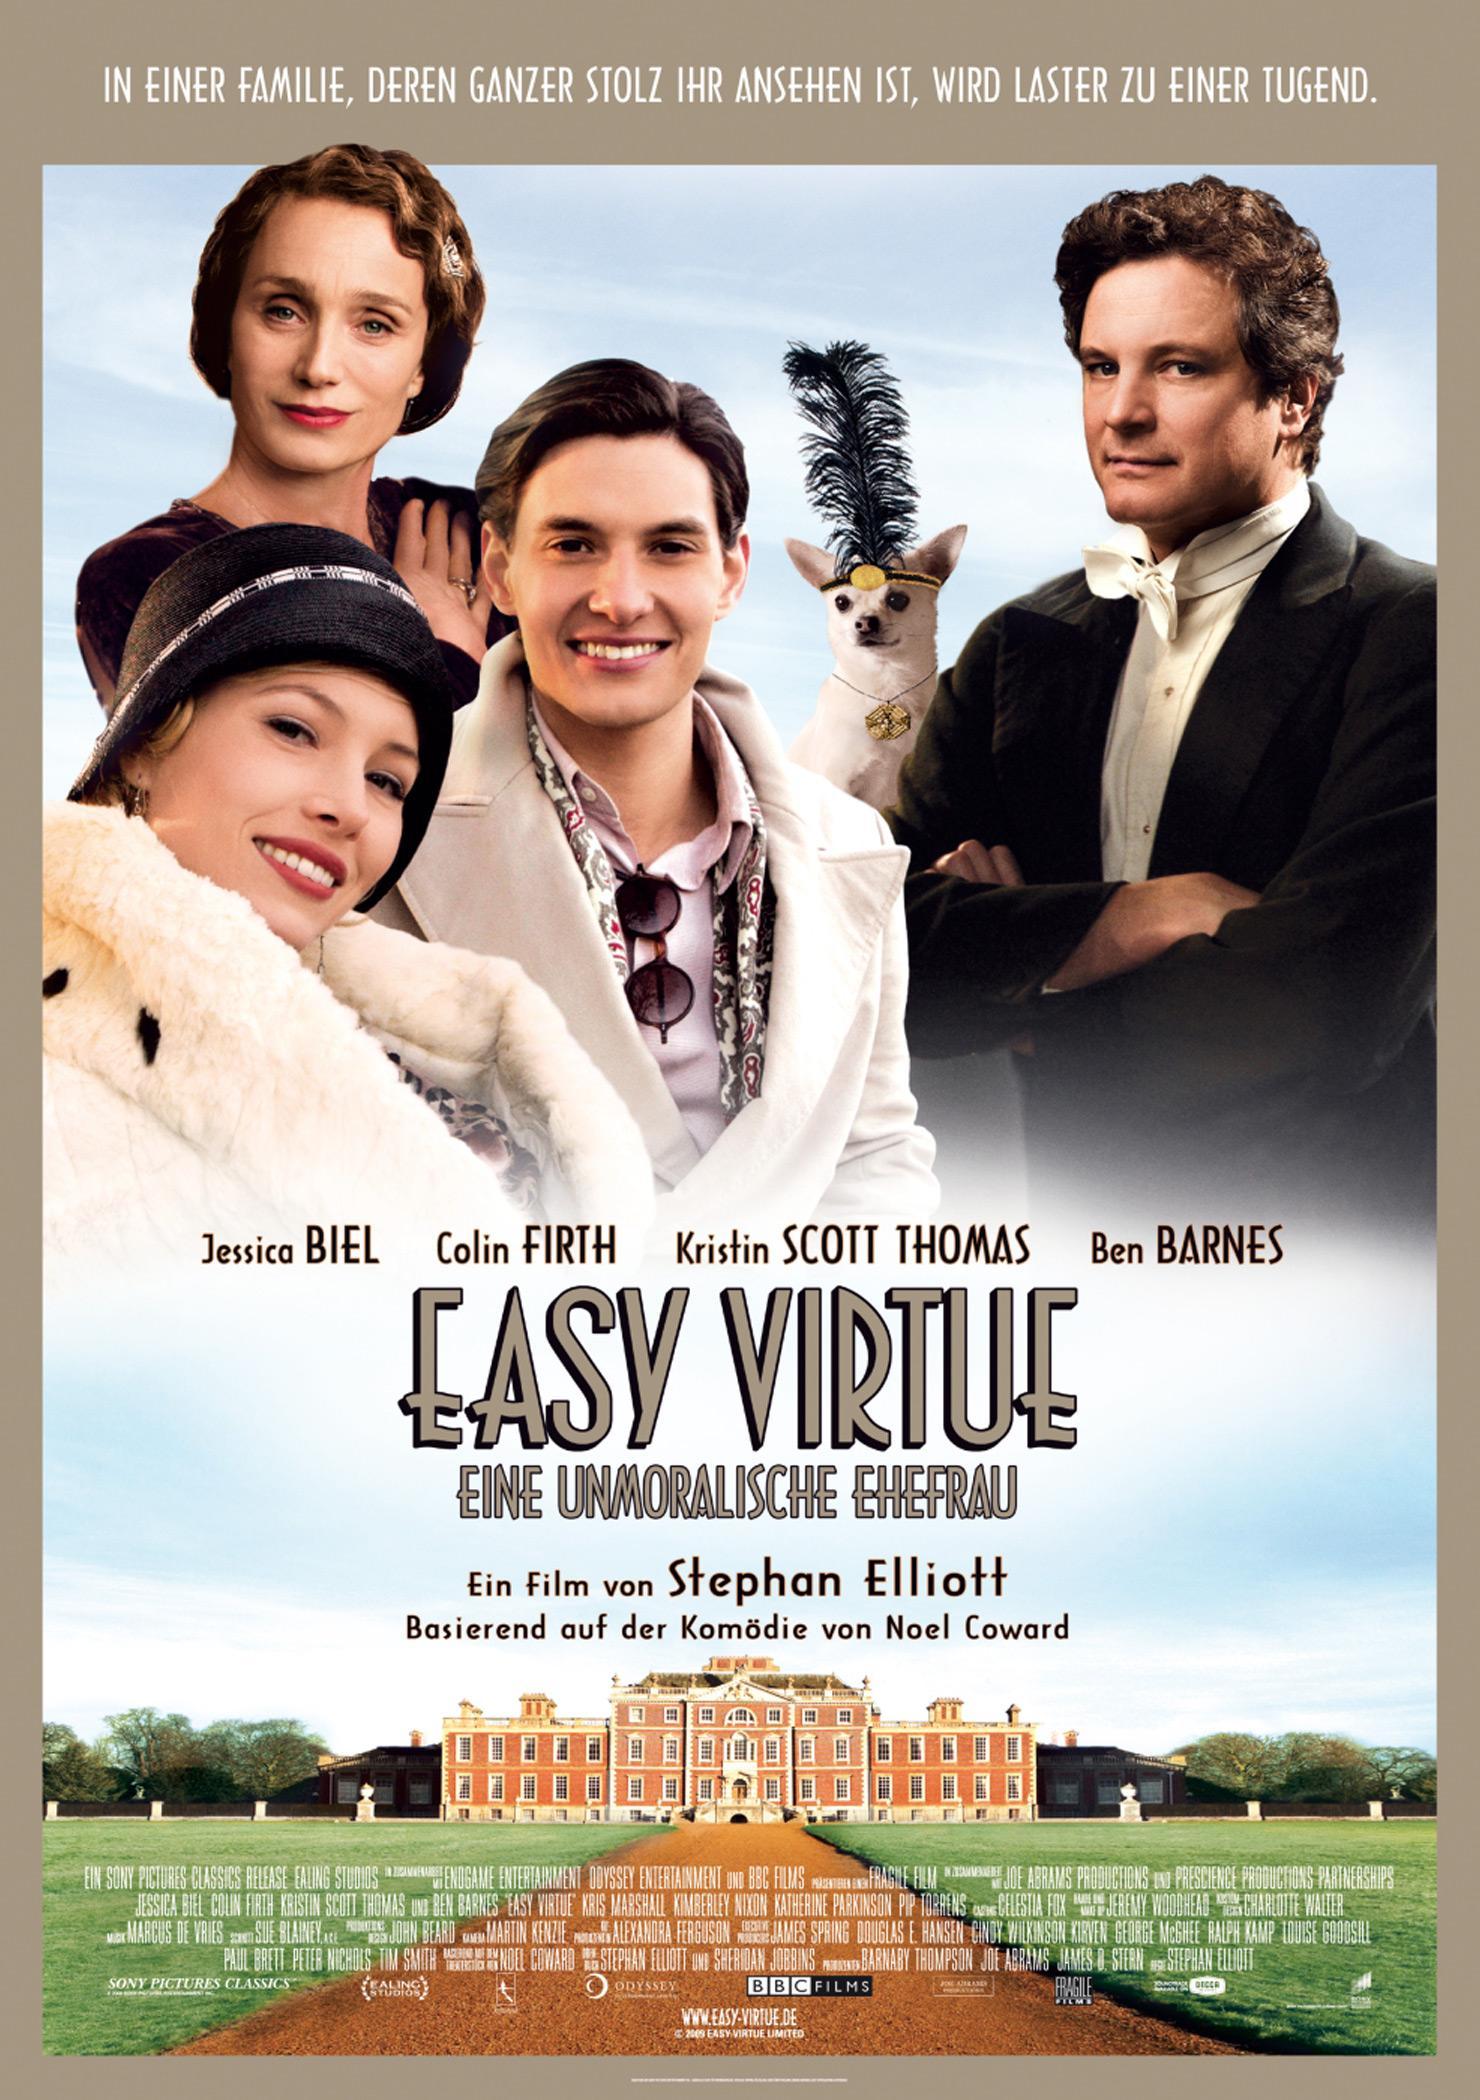 Easy Virtue - Eine unmoralische Ehefrau (Poster)